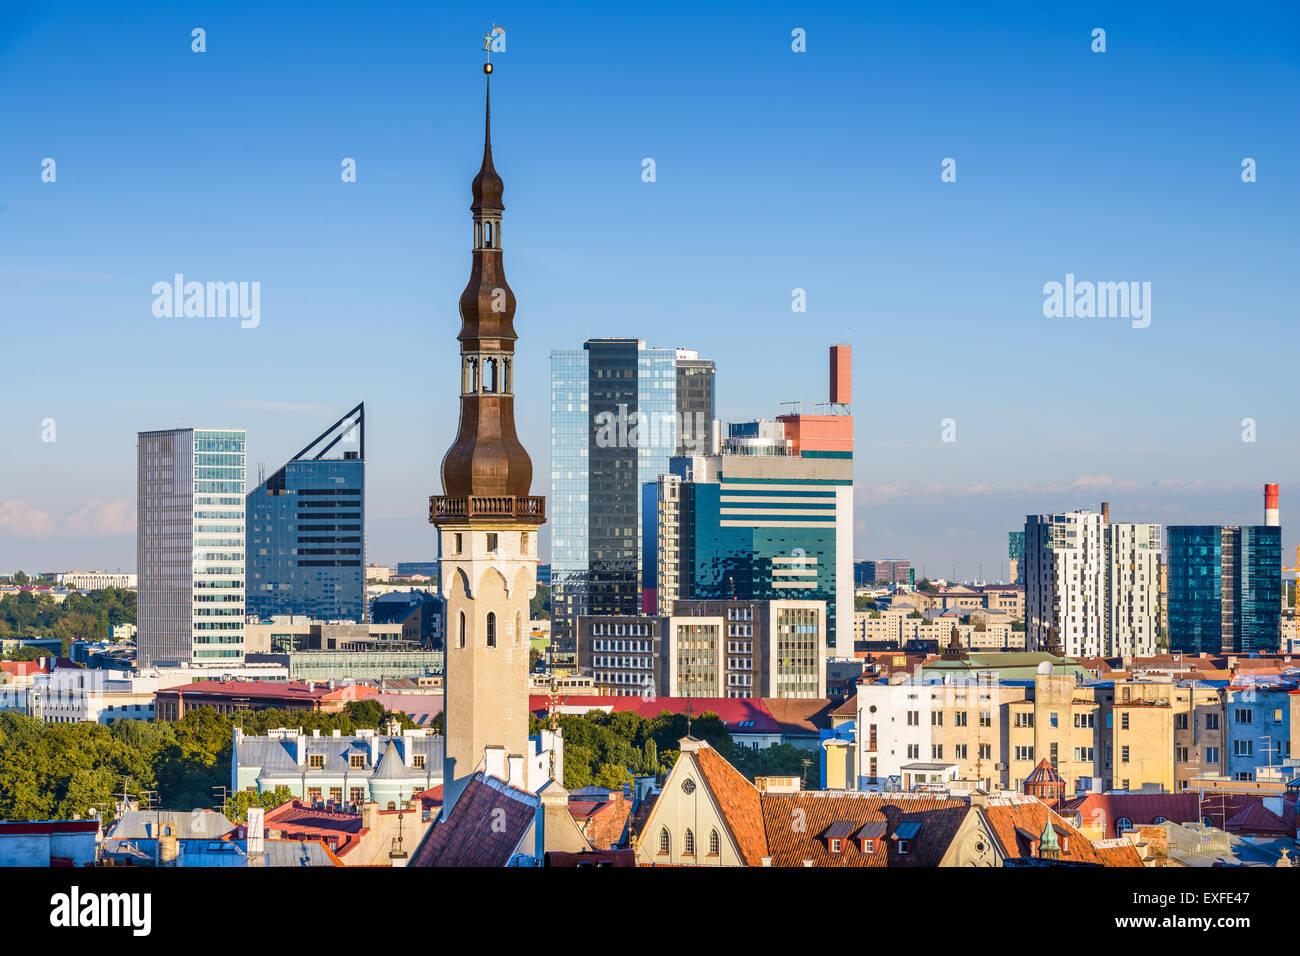 Tallinn, Estland-Skyline mit modernen und historischen Gebäuden. Stockbild